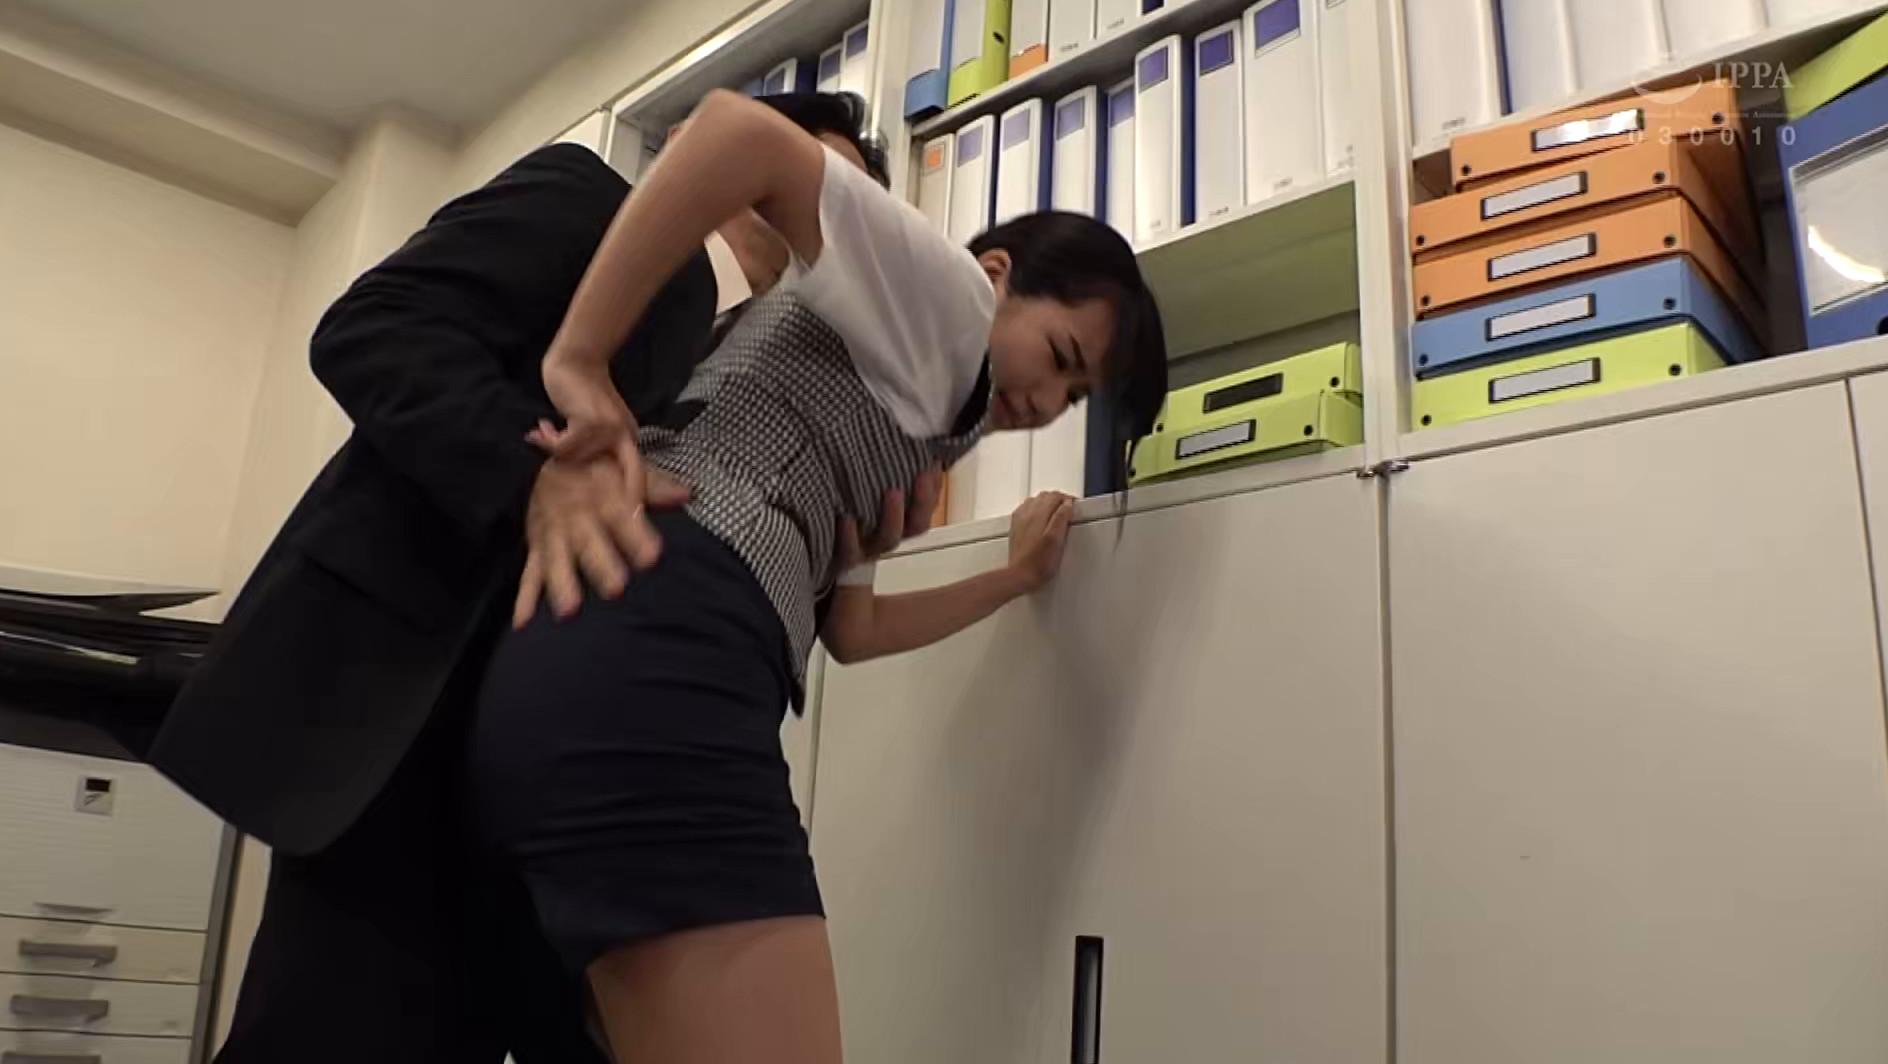 汗ばむ季節・・・オフィスで大嫌いな上司に背後からパワハラ痴〇される私の蒸れた恥じらい尻 如月夏希,のサンプル画像24